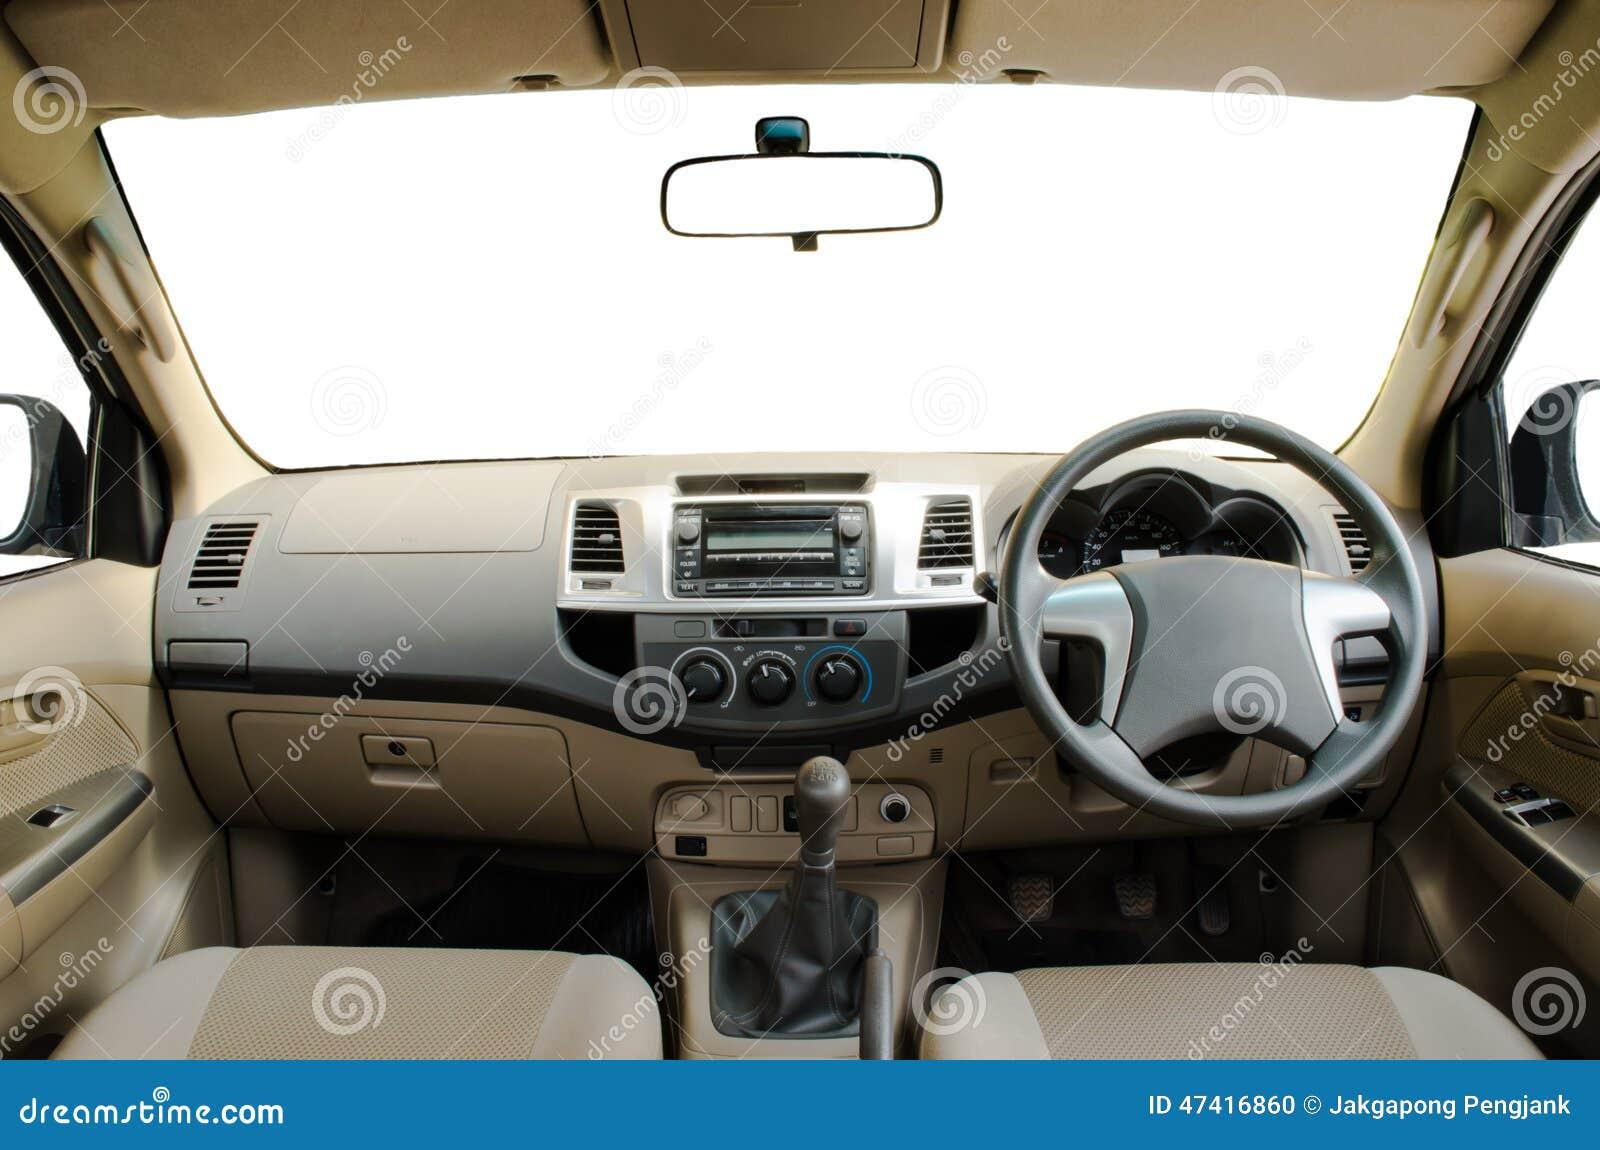 Tableau de bord en cuir beige de voiture photo stock for Interieur de voiture en cuir